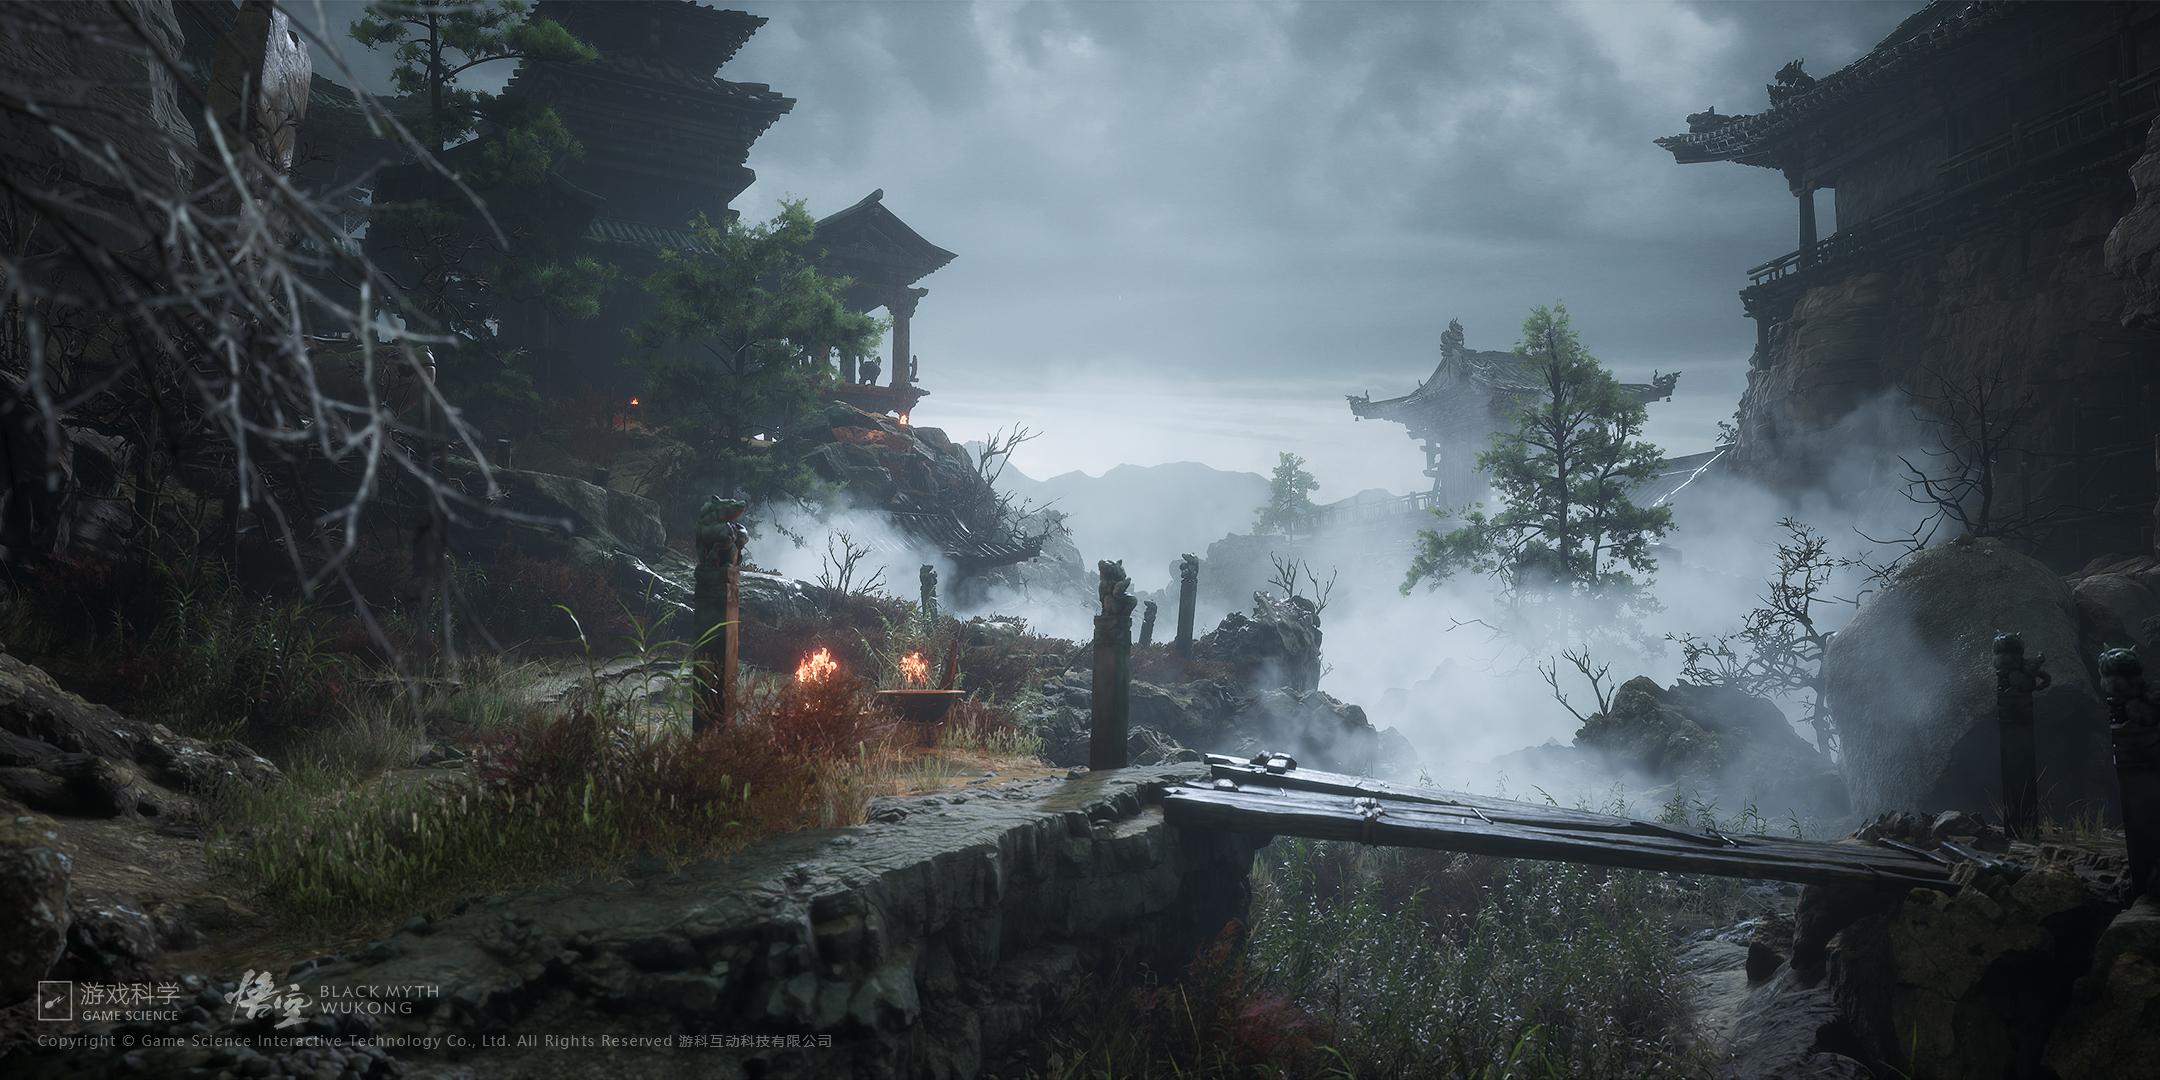 Black Myth: Wu Kong annunciato per Console e PC 15